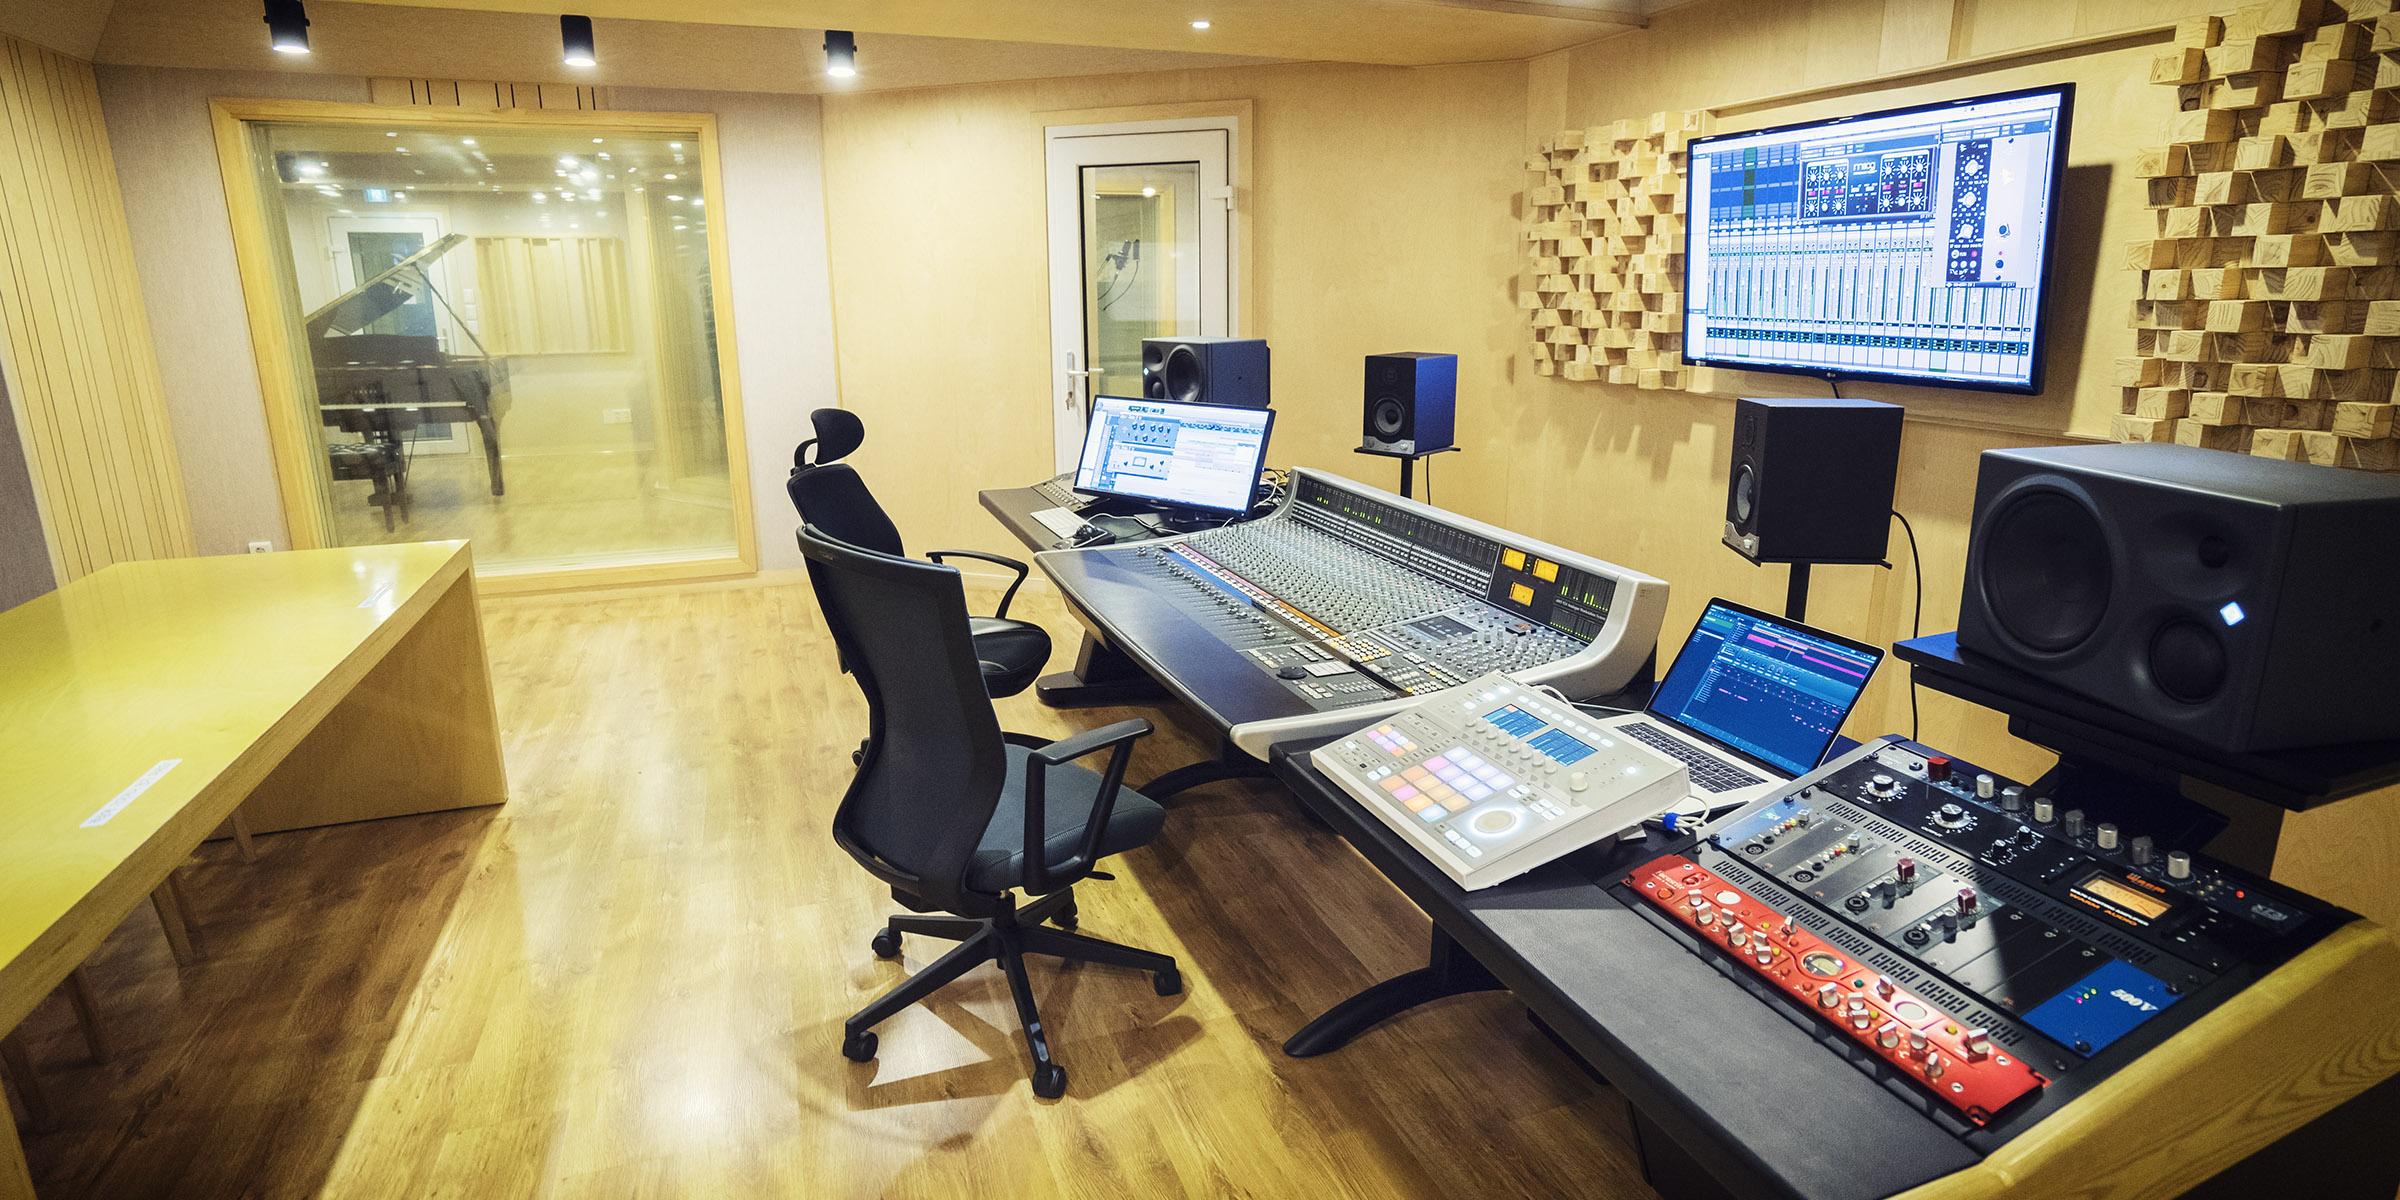 studio_2400x1200_6